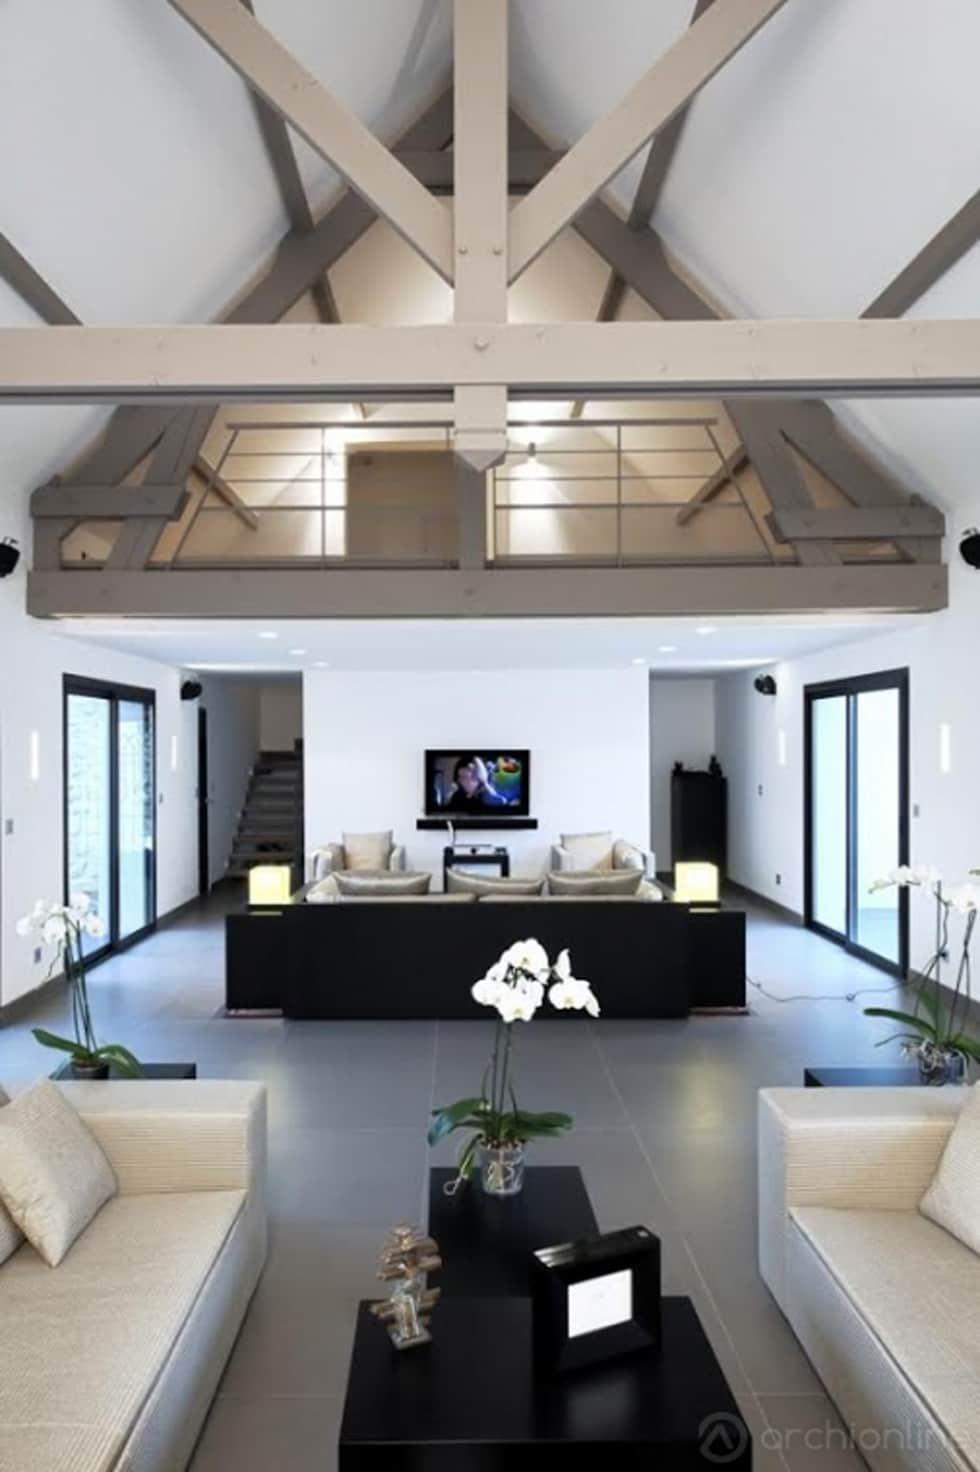 Rénovation d\'une maison traditionnelle en maison moderne et luxueuse ...